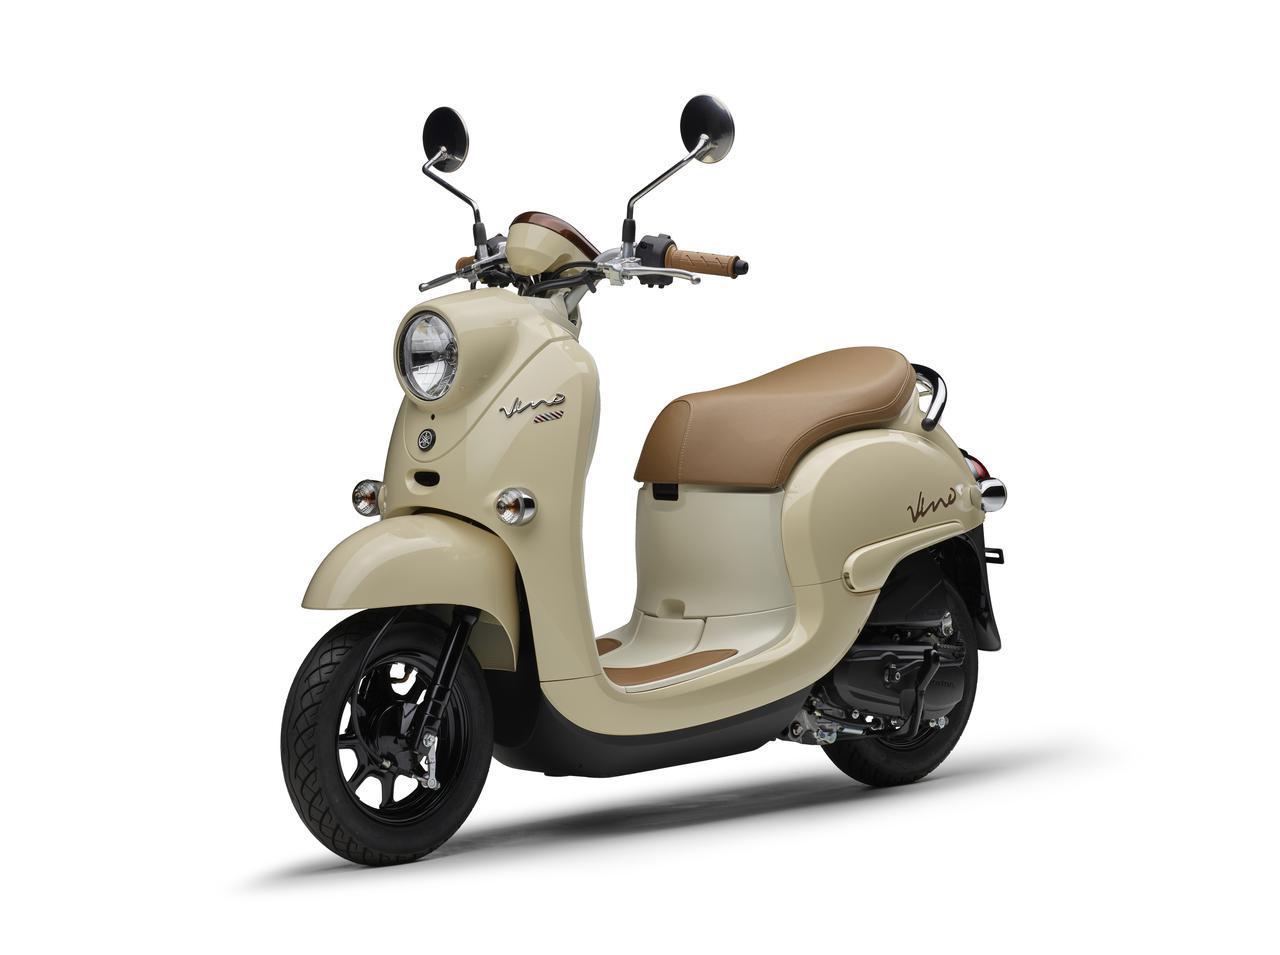 画像11: ヤマハが50ccスクーター「ビーノ」の2021年モデルを発表! ニューカラーは4色、合計6色の設定で発売